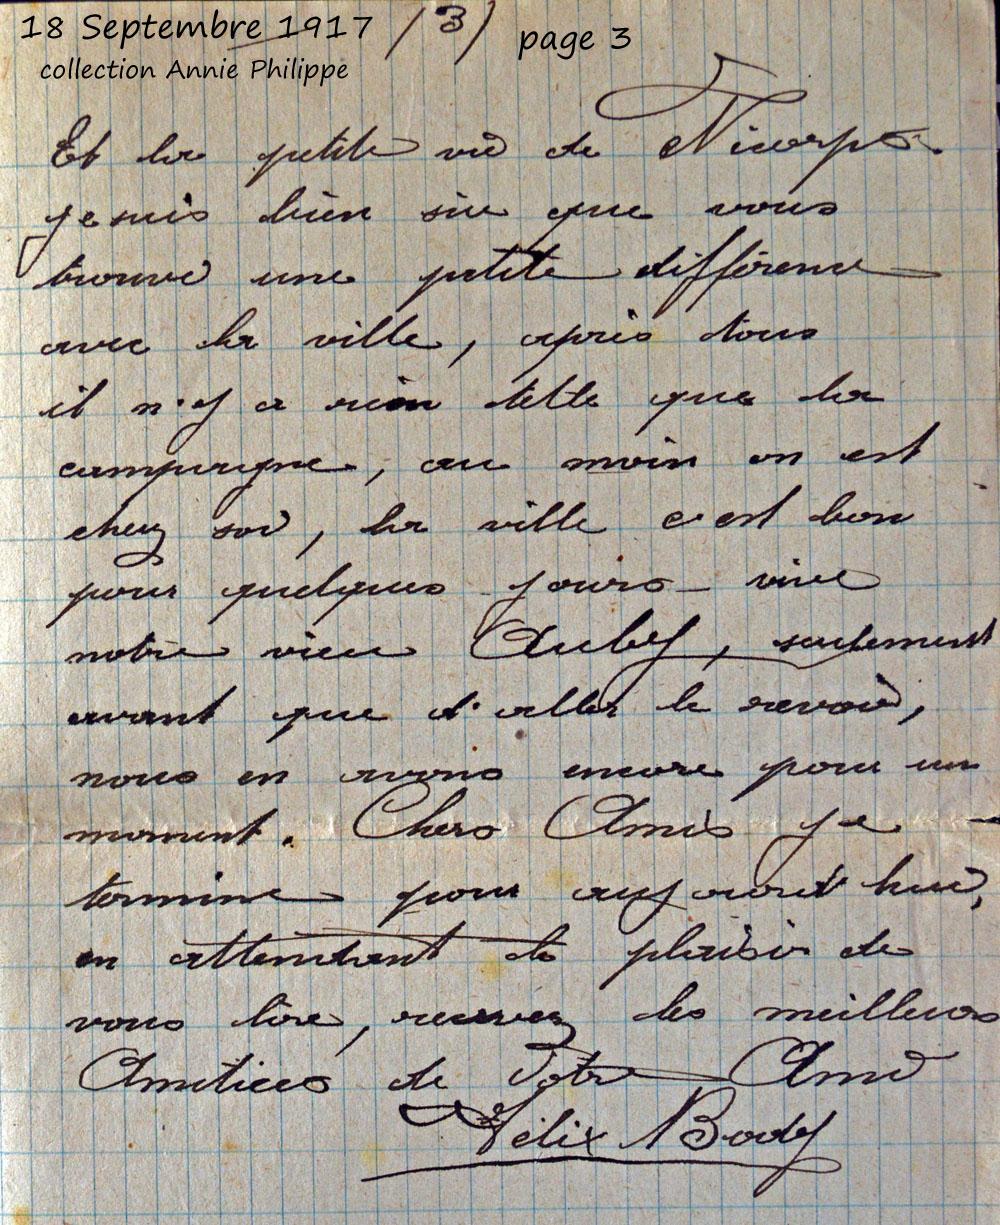 1917 09 18 page 3 bis decide d'aller à Lourdes